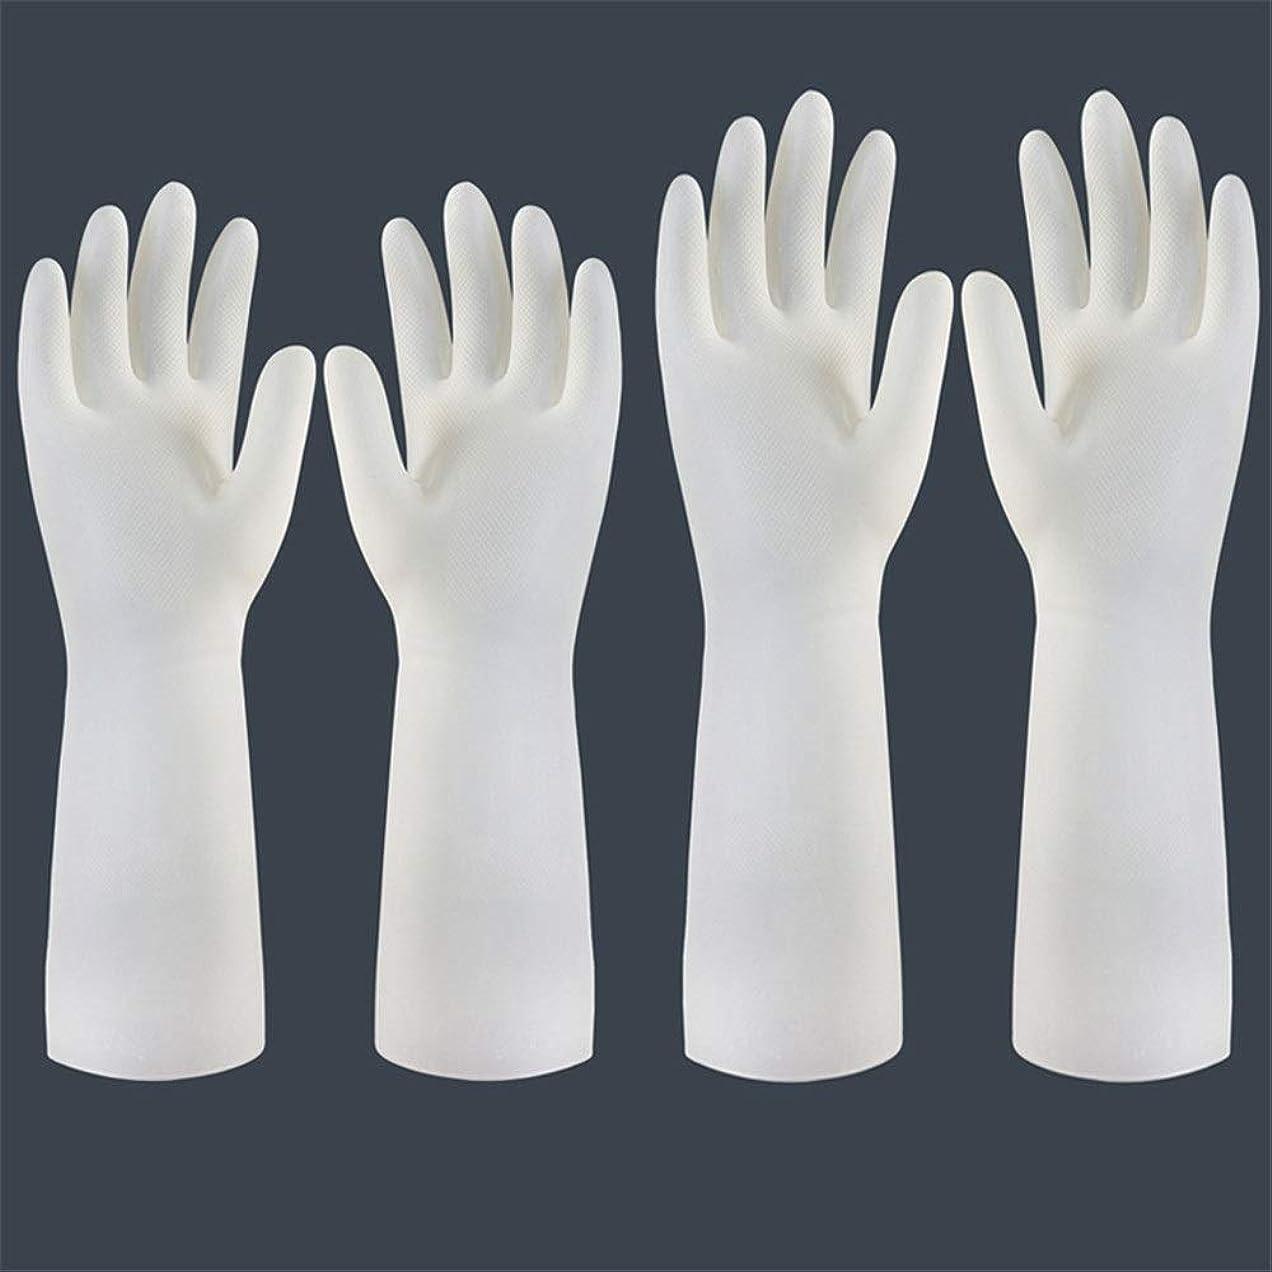 酸化物保険取り組むニトリルゴム手袋 使い捨て手袋の防水および耐久のゴム製台所手袋、小/中/大 使い捨て手袋 (Color : Short+long, Size : M)